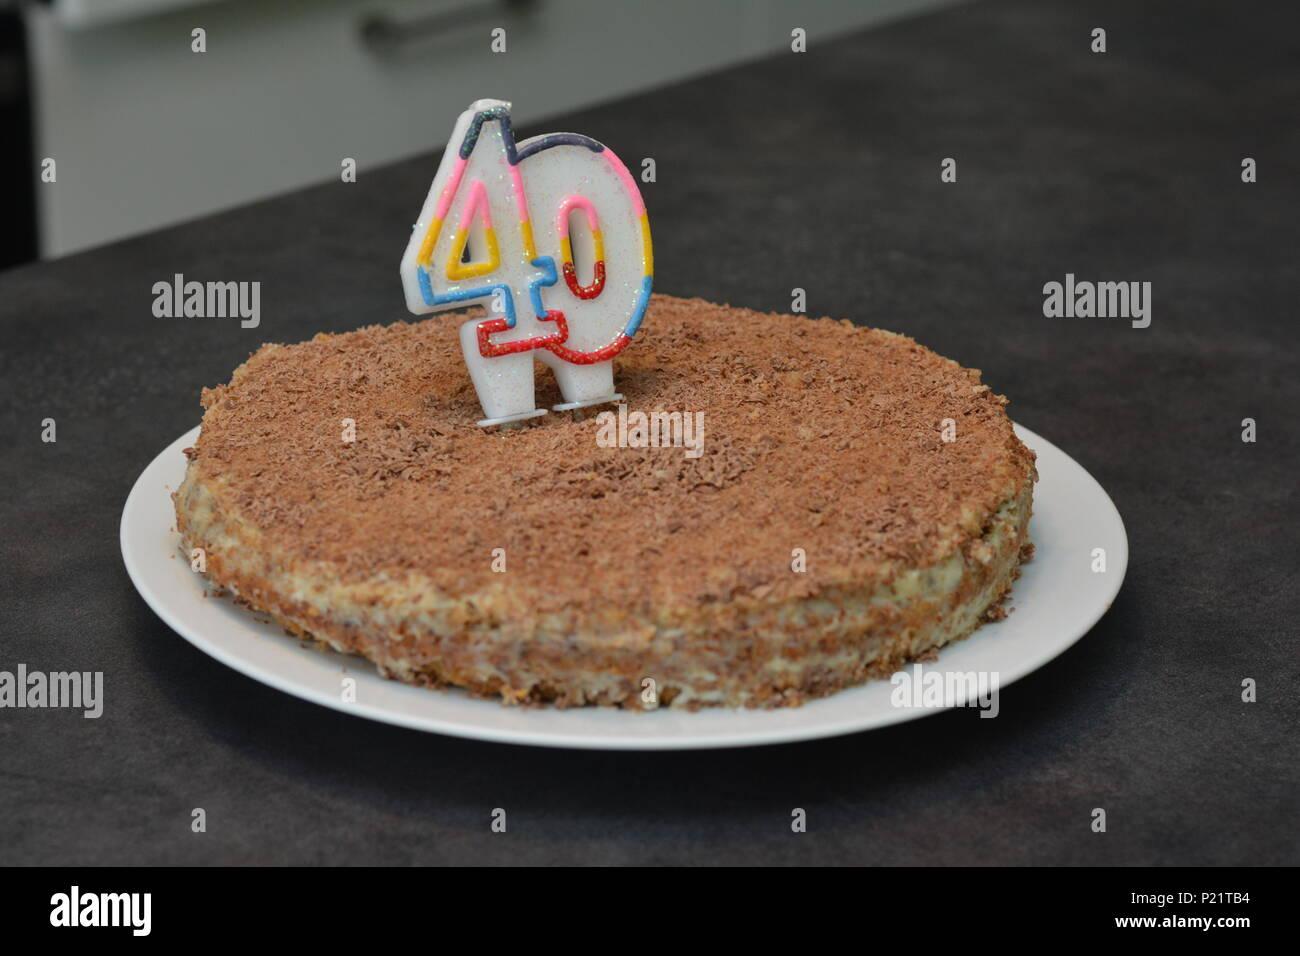 Compleanno Torta Al Cioccolato Con Candela Come Un Numero Quaranta